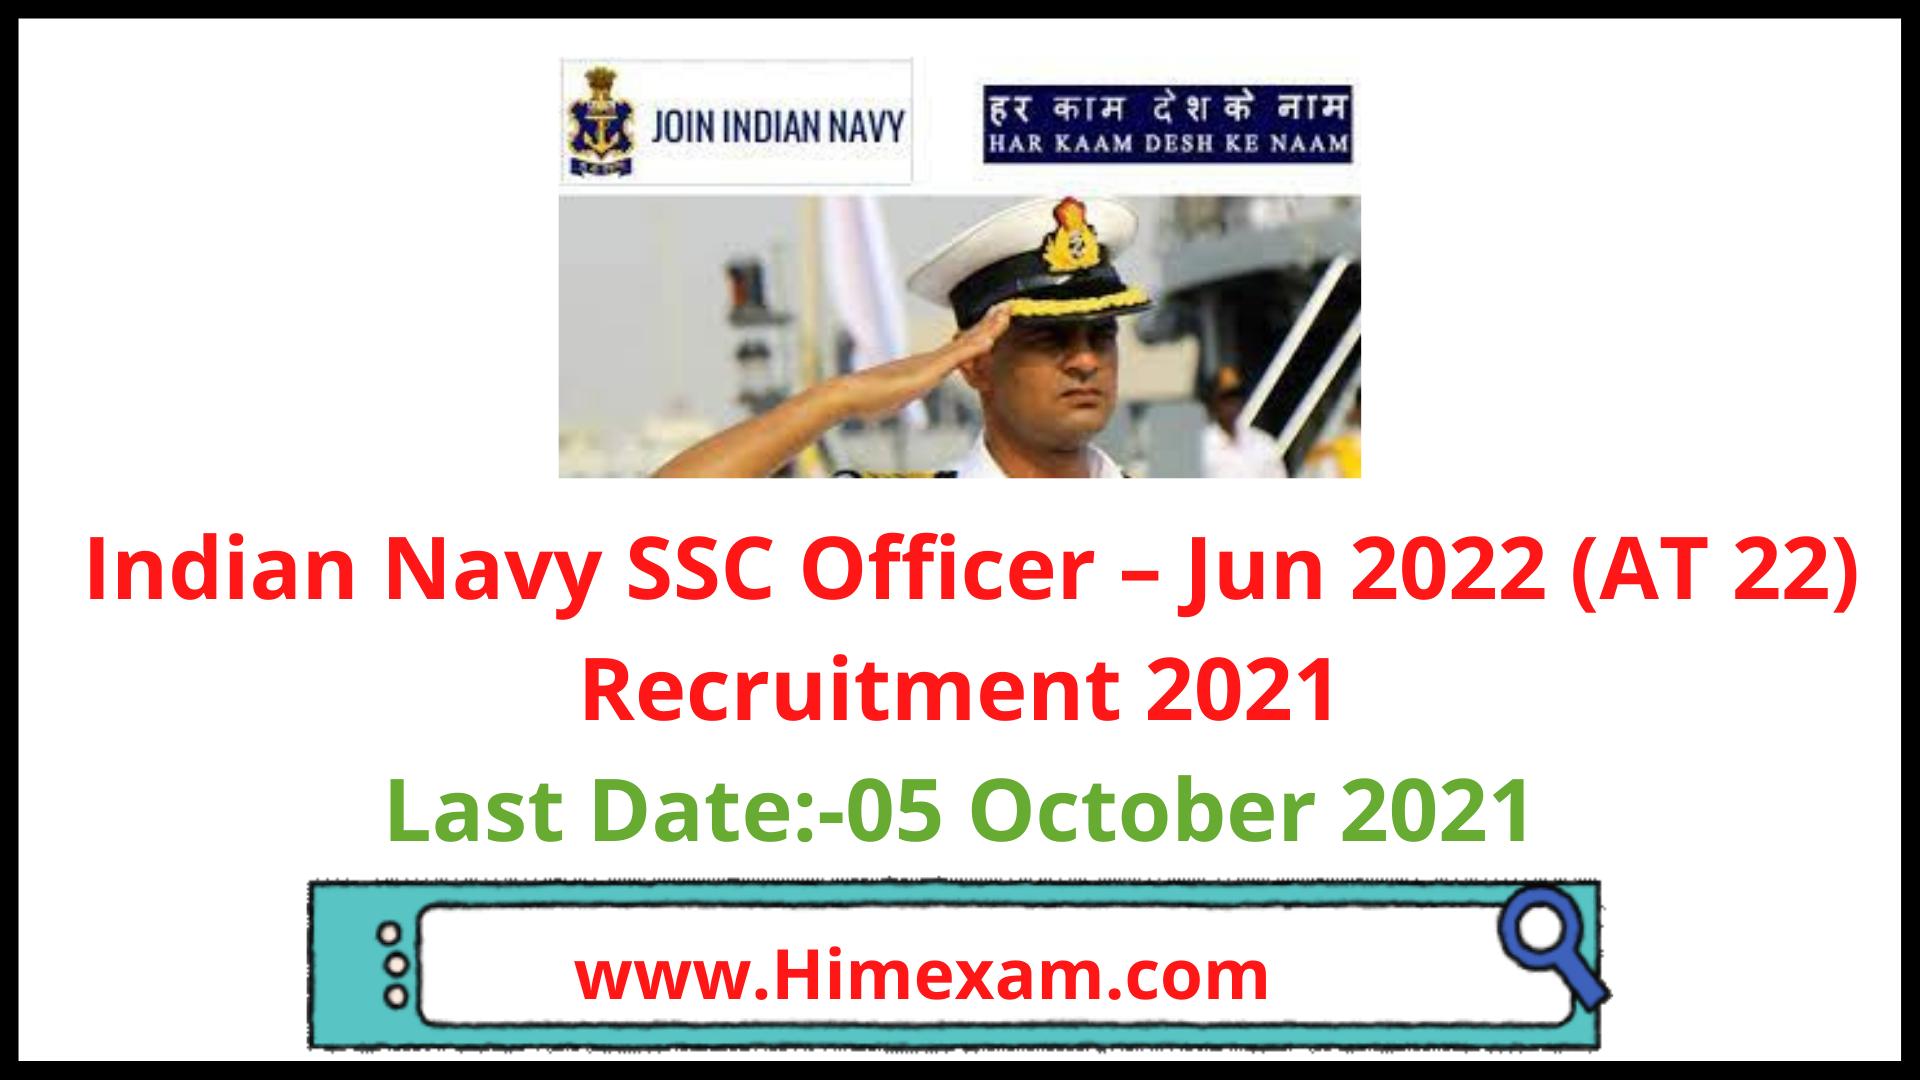 Indian Navy SSC Officer – Jun 2022 (AT 22) Recruitment 2021